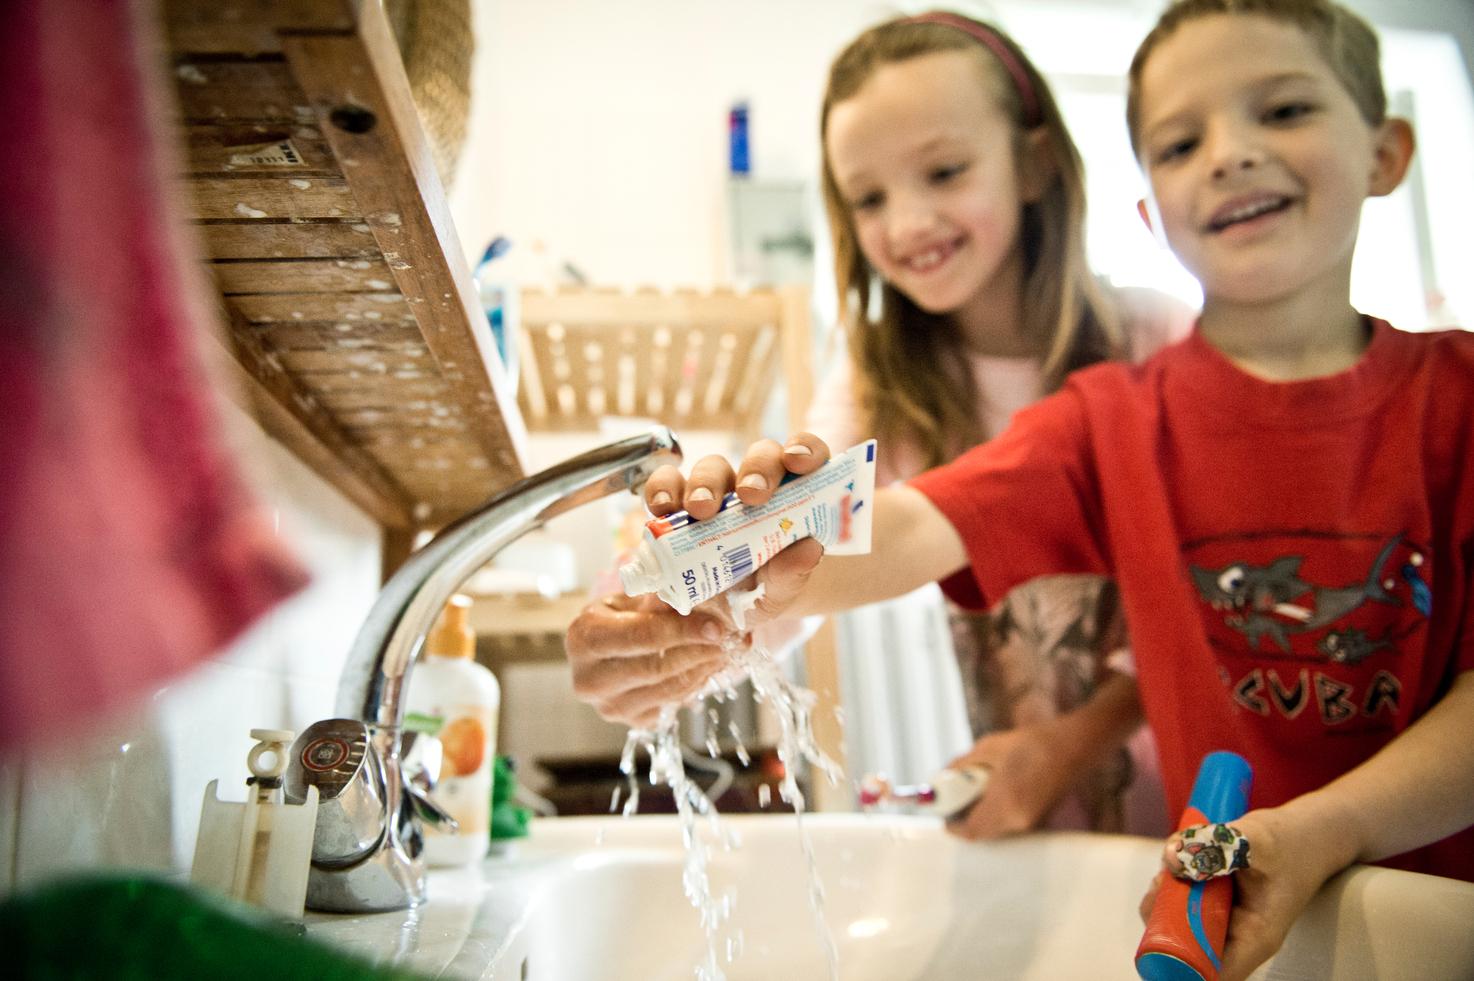 Nitrat im Grundwasser: Maßnahmen für bessere Wasserqualität